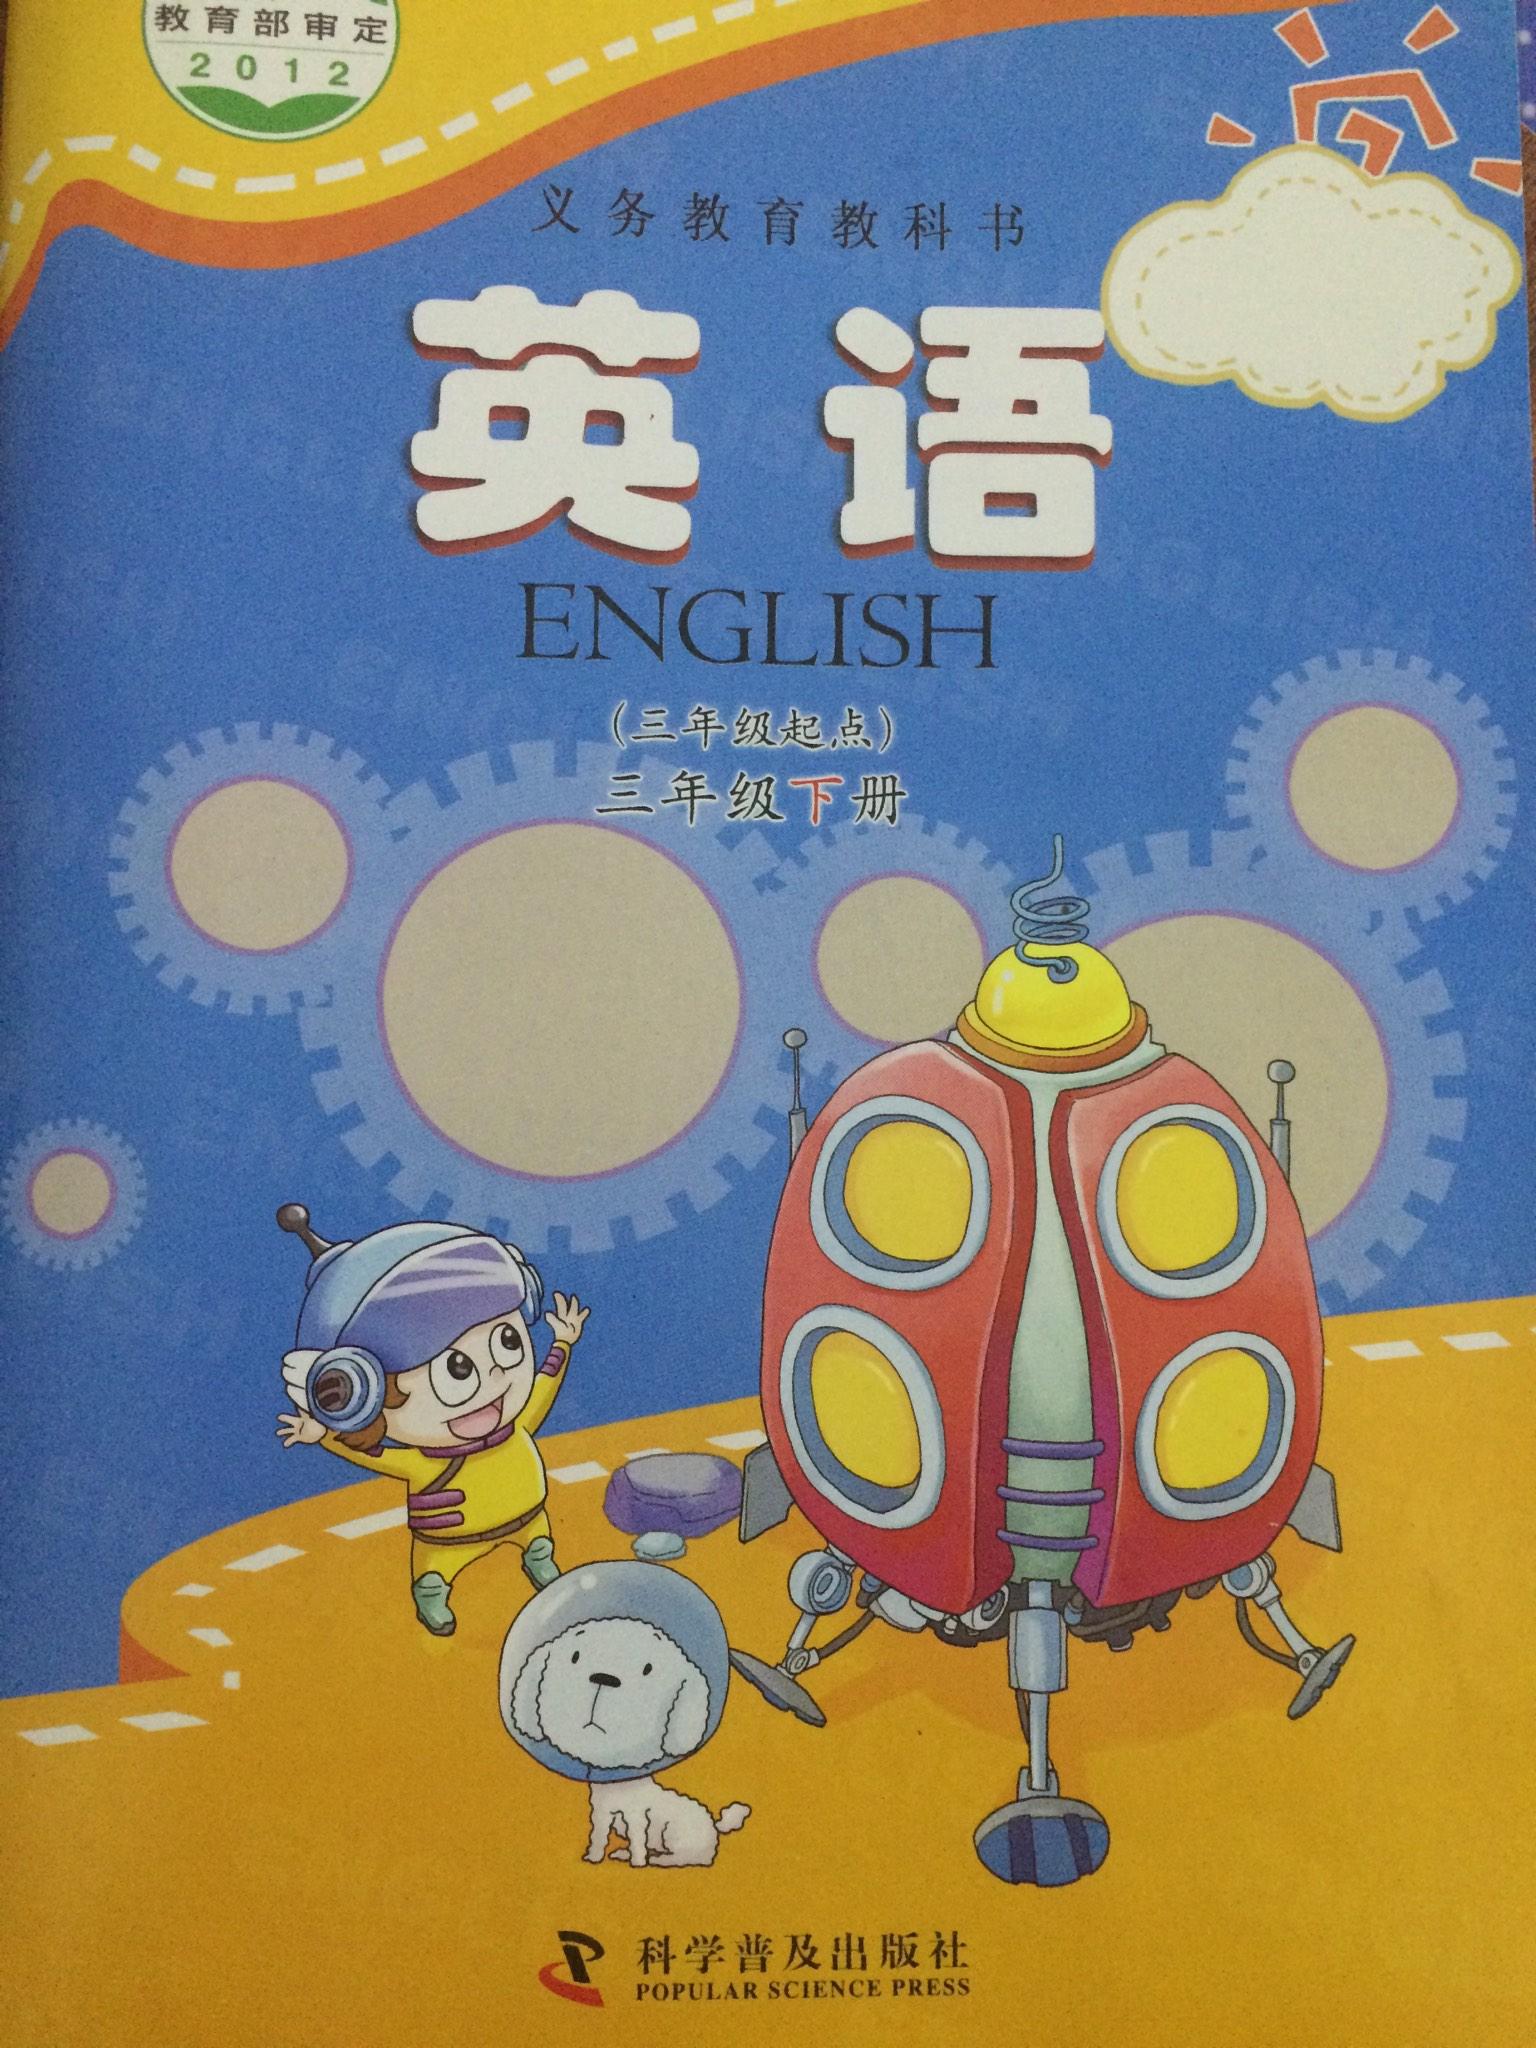 小学三年级英语单词 科普版图片